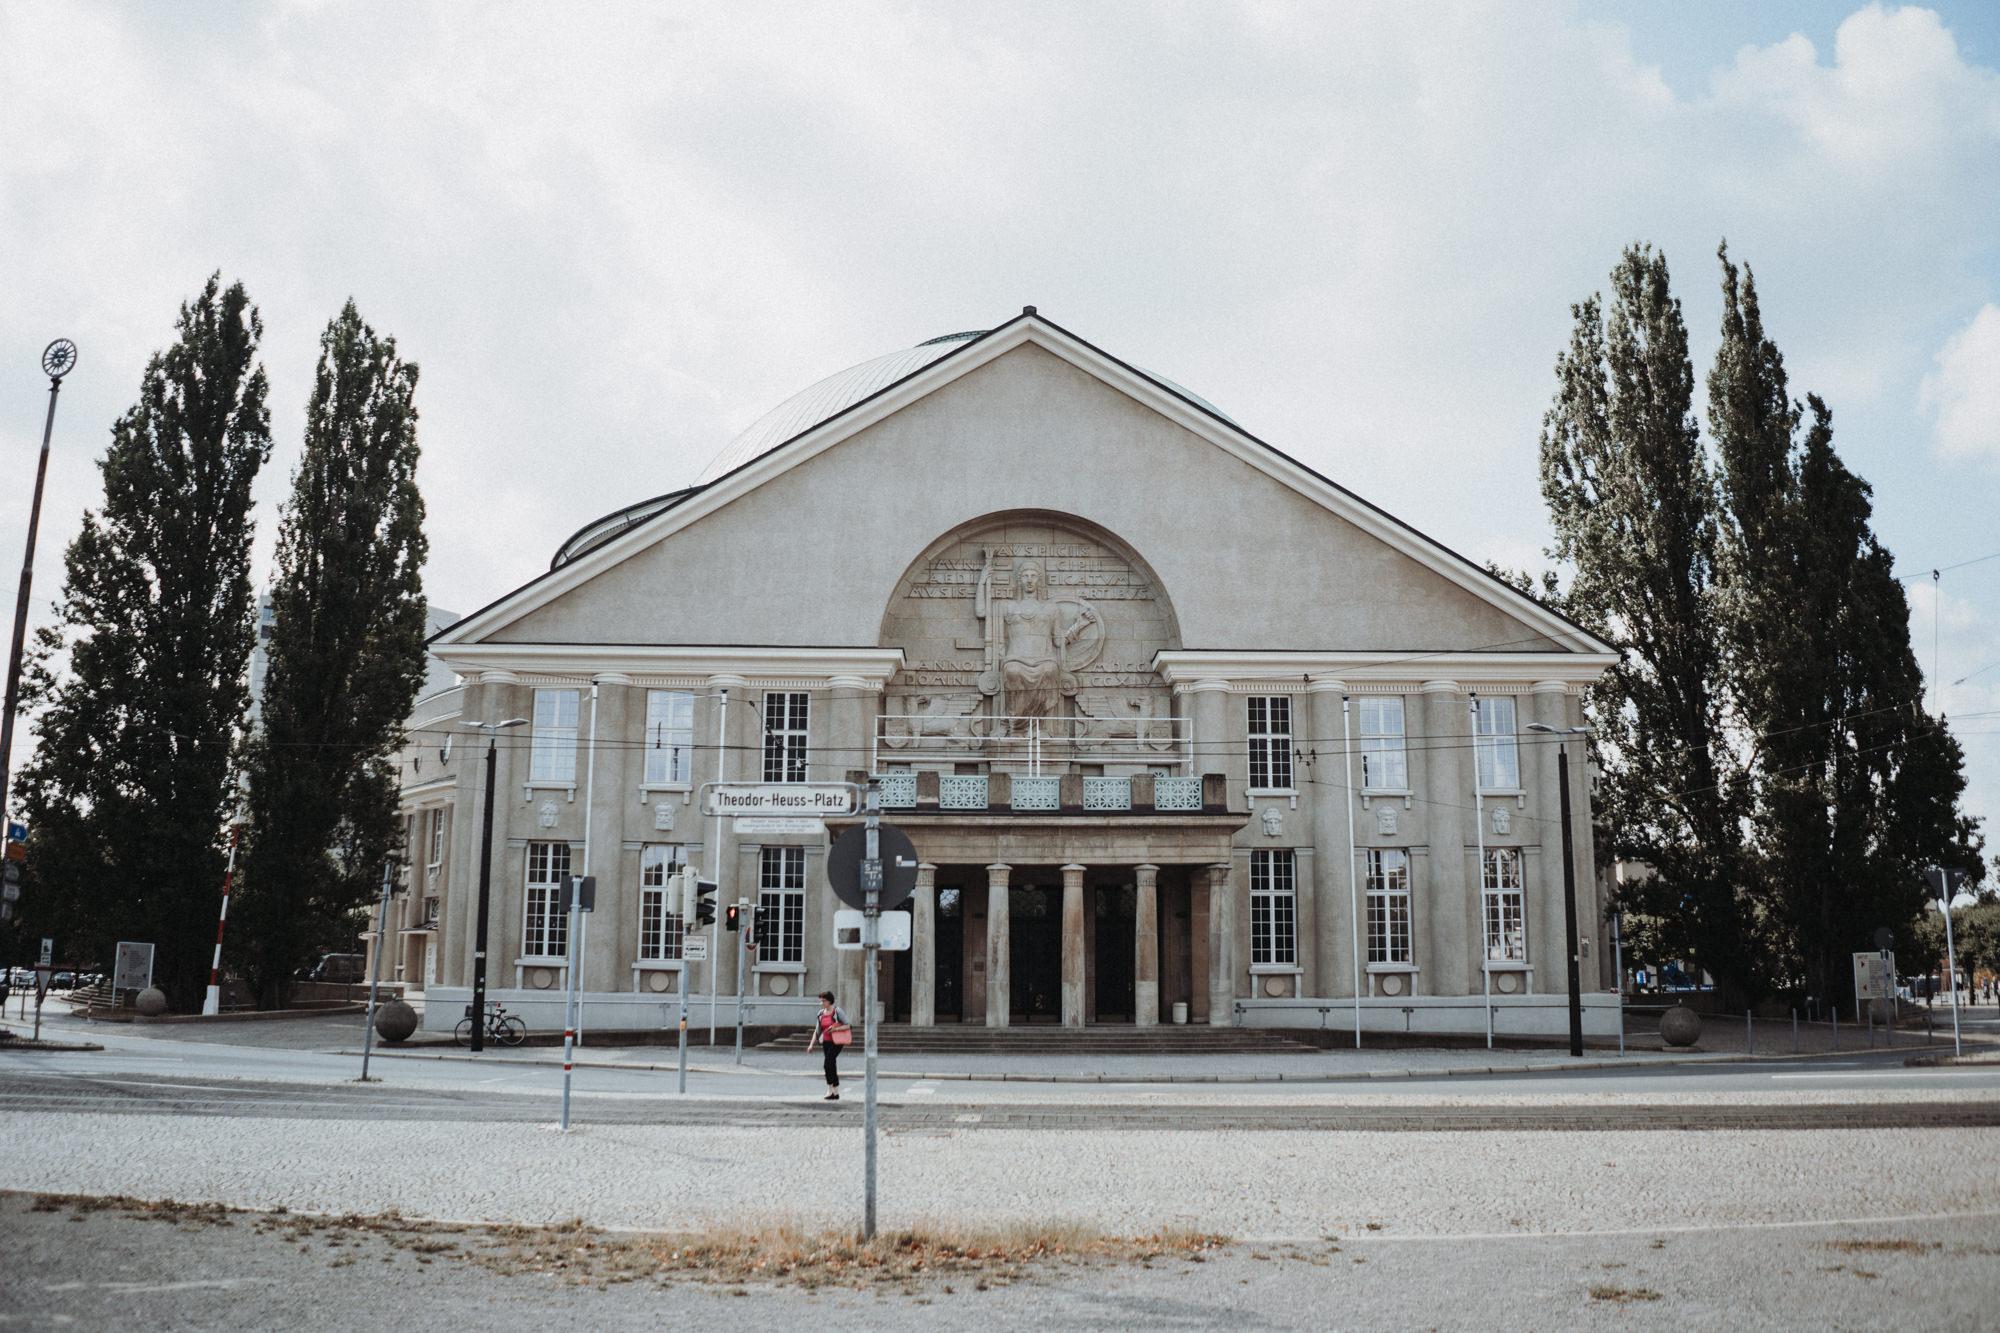 Kuppelsaal Hannover Standesamt